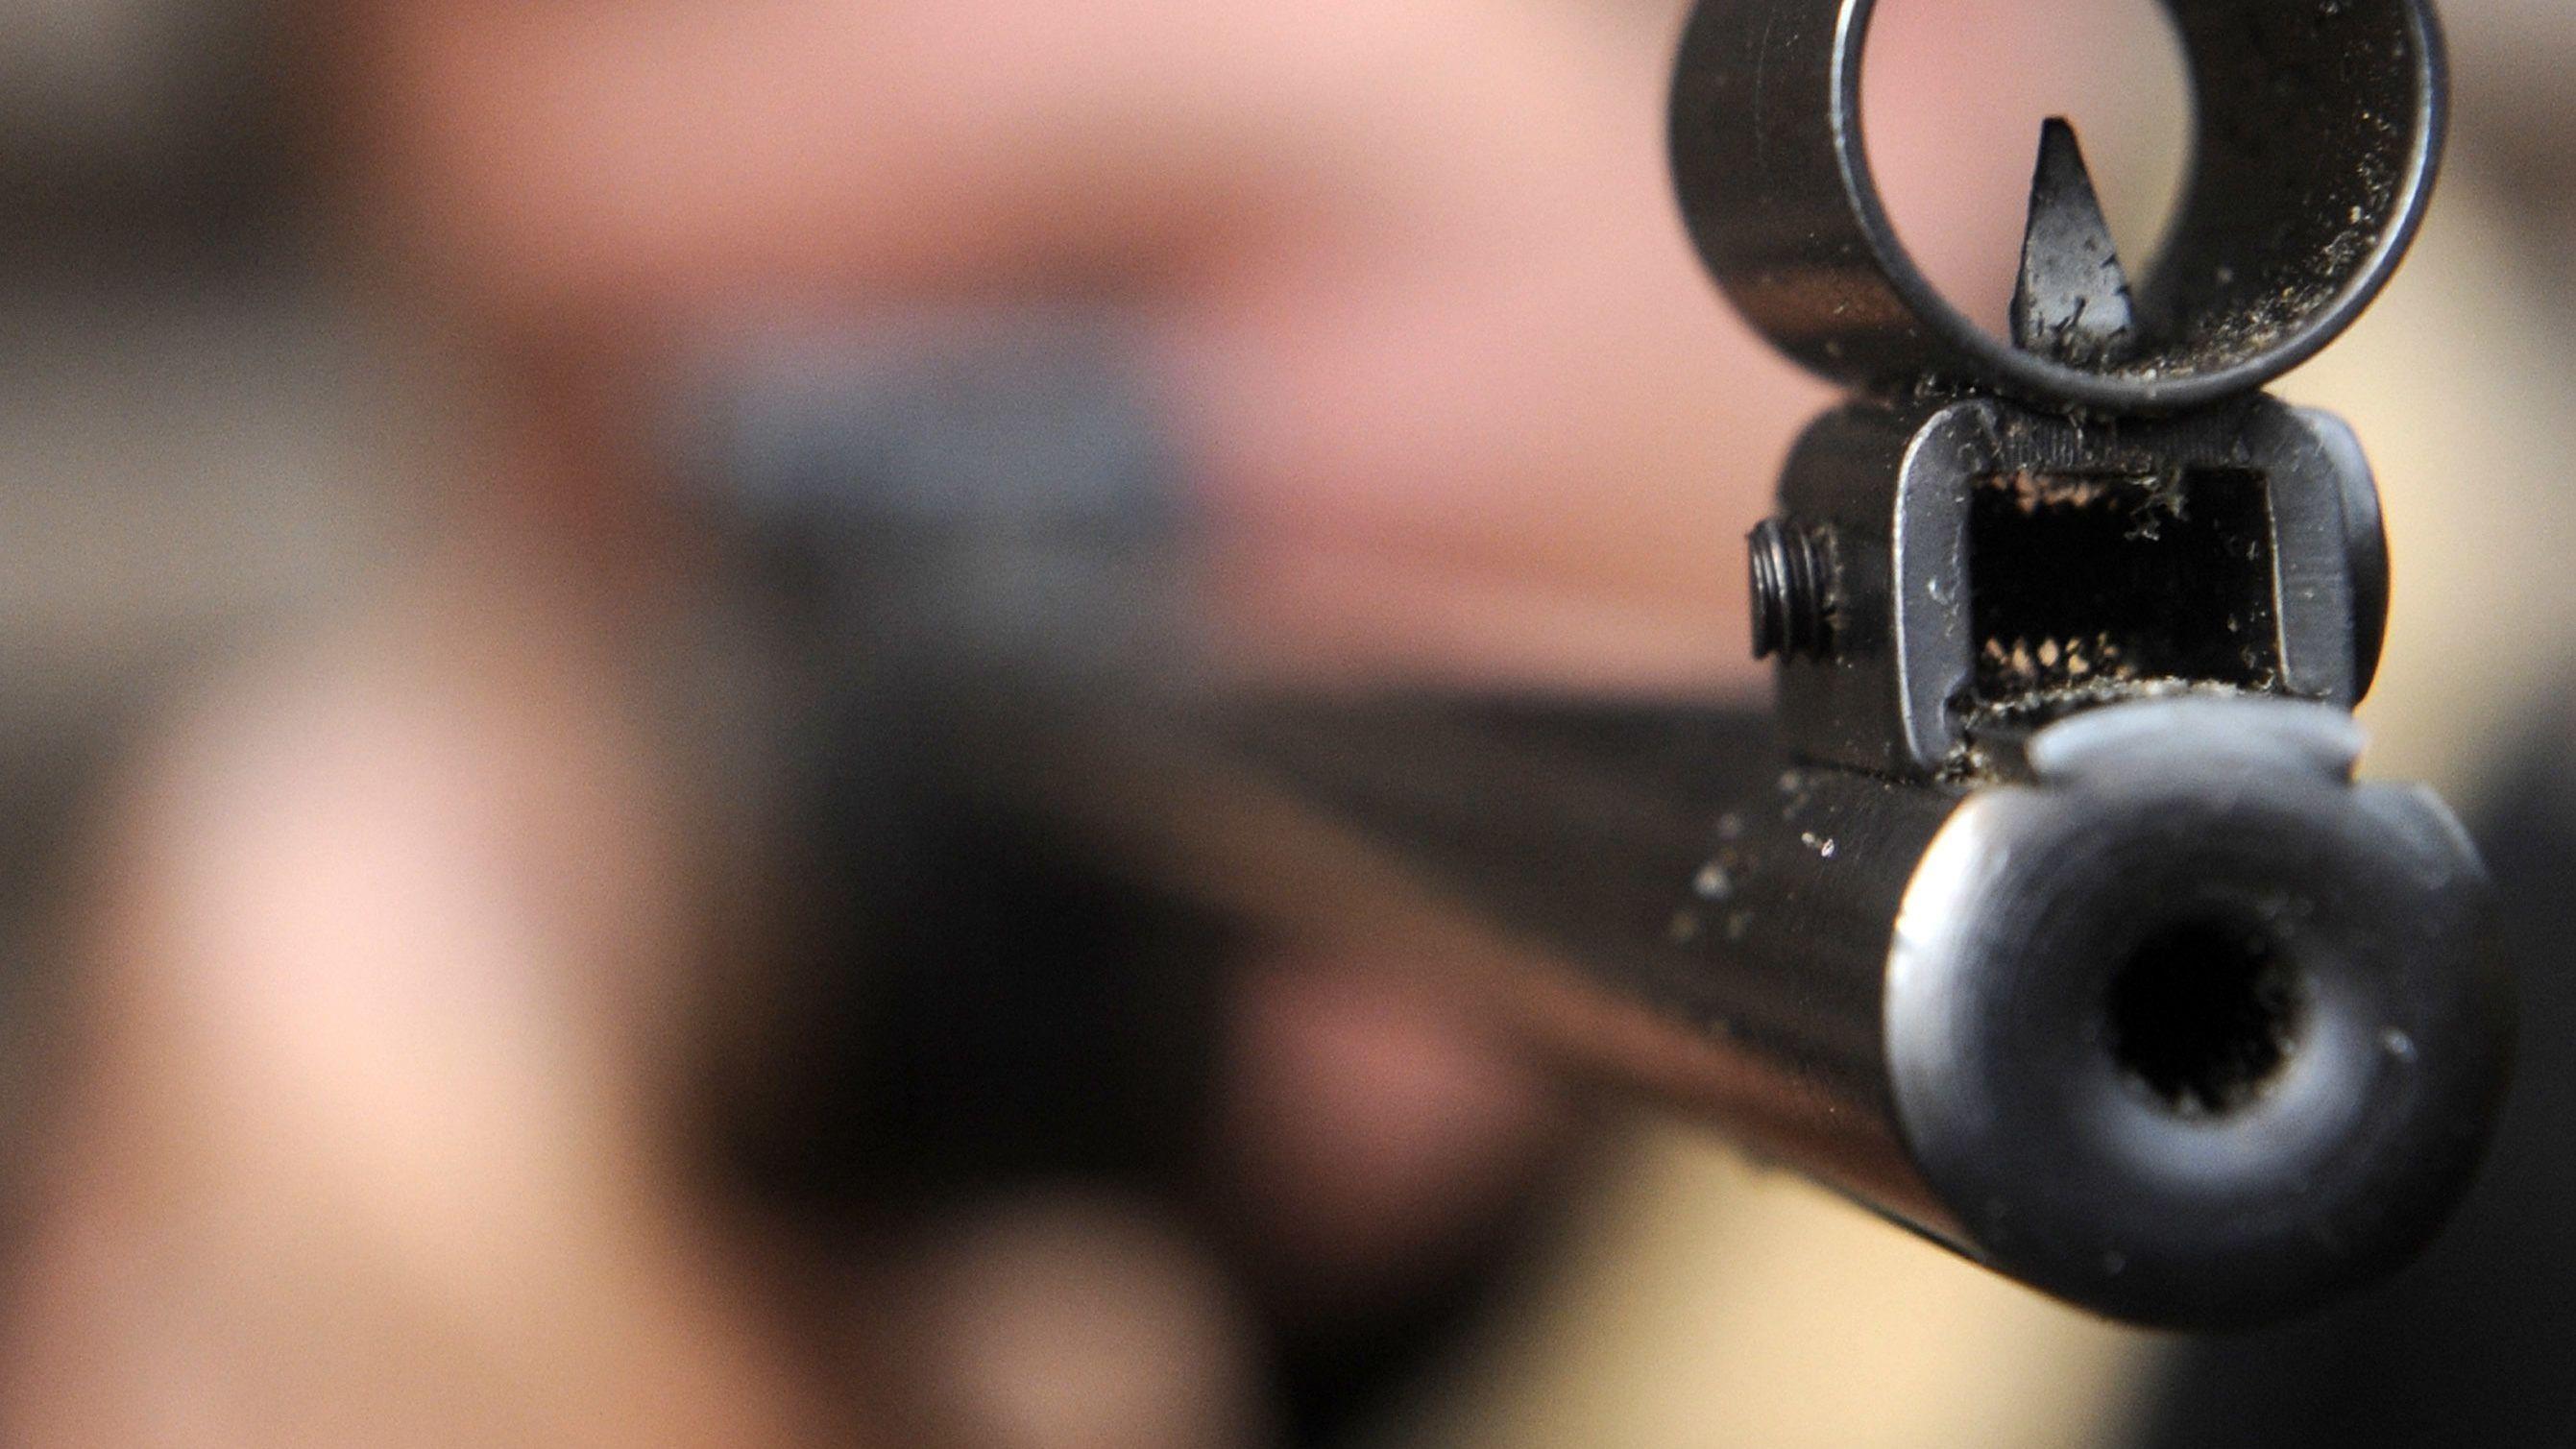 Die Mündung eines Luftgewehrs (Symbolbild)